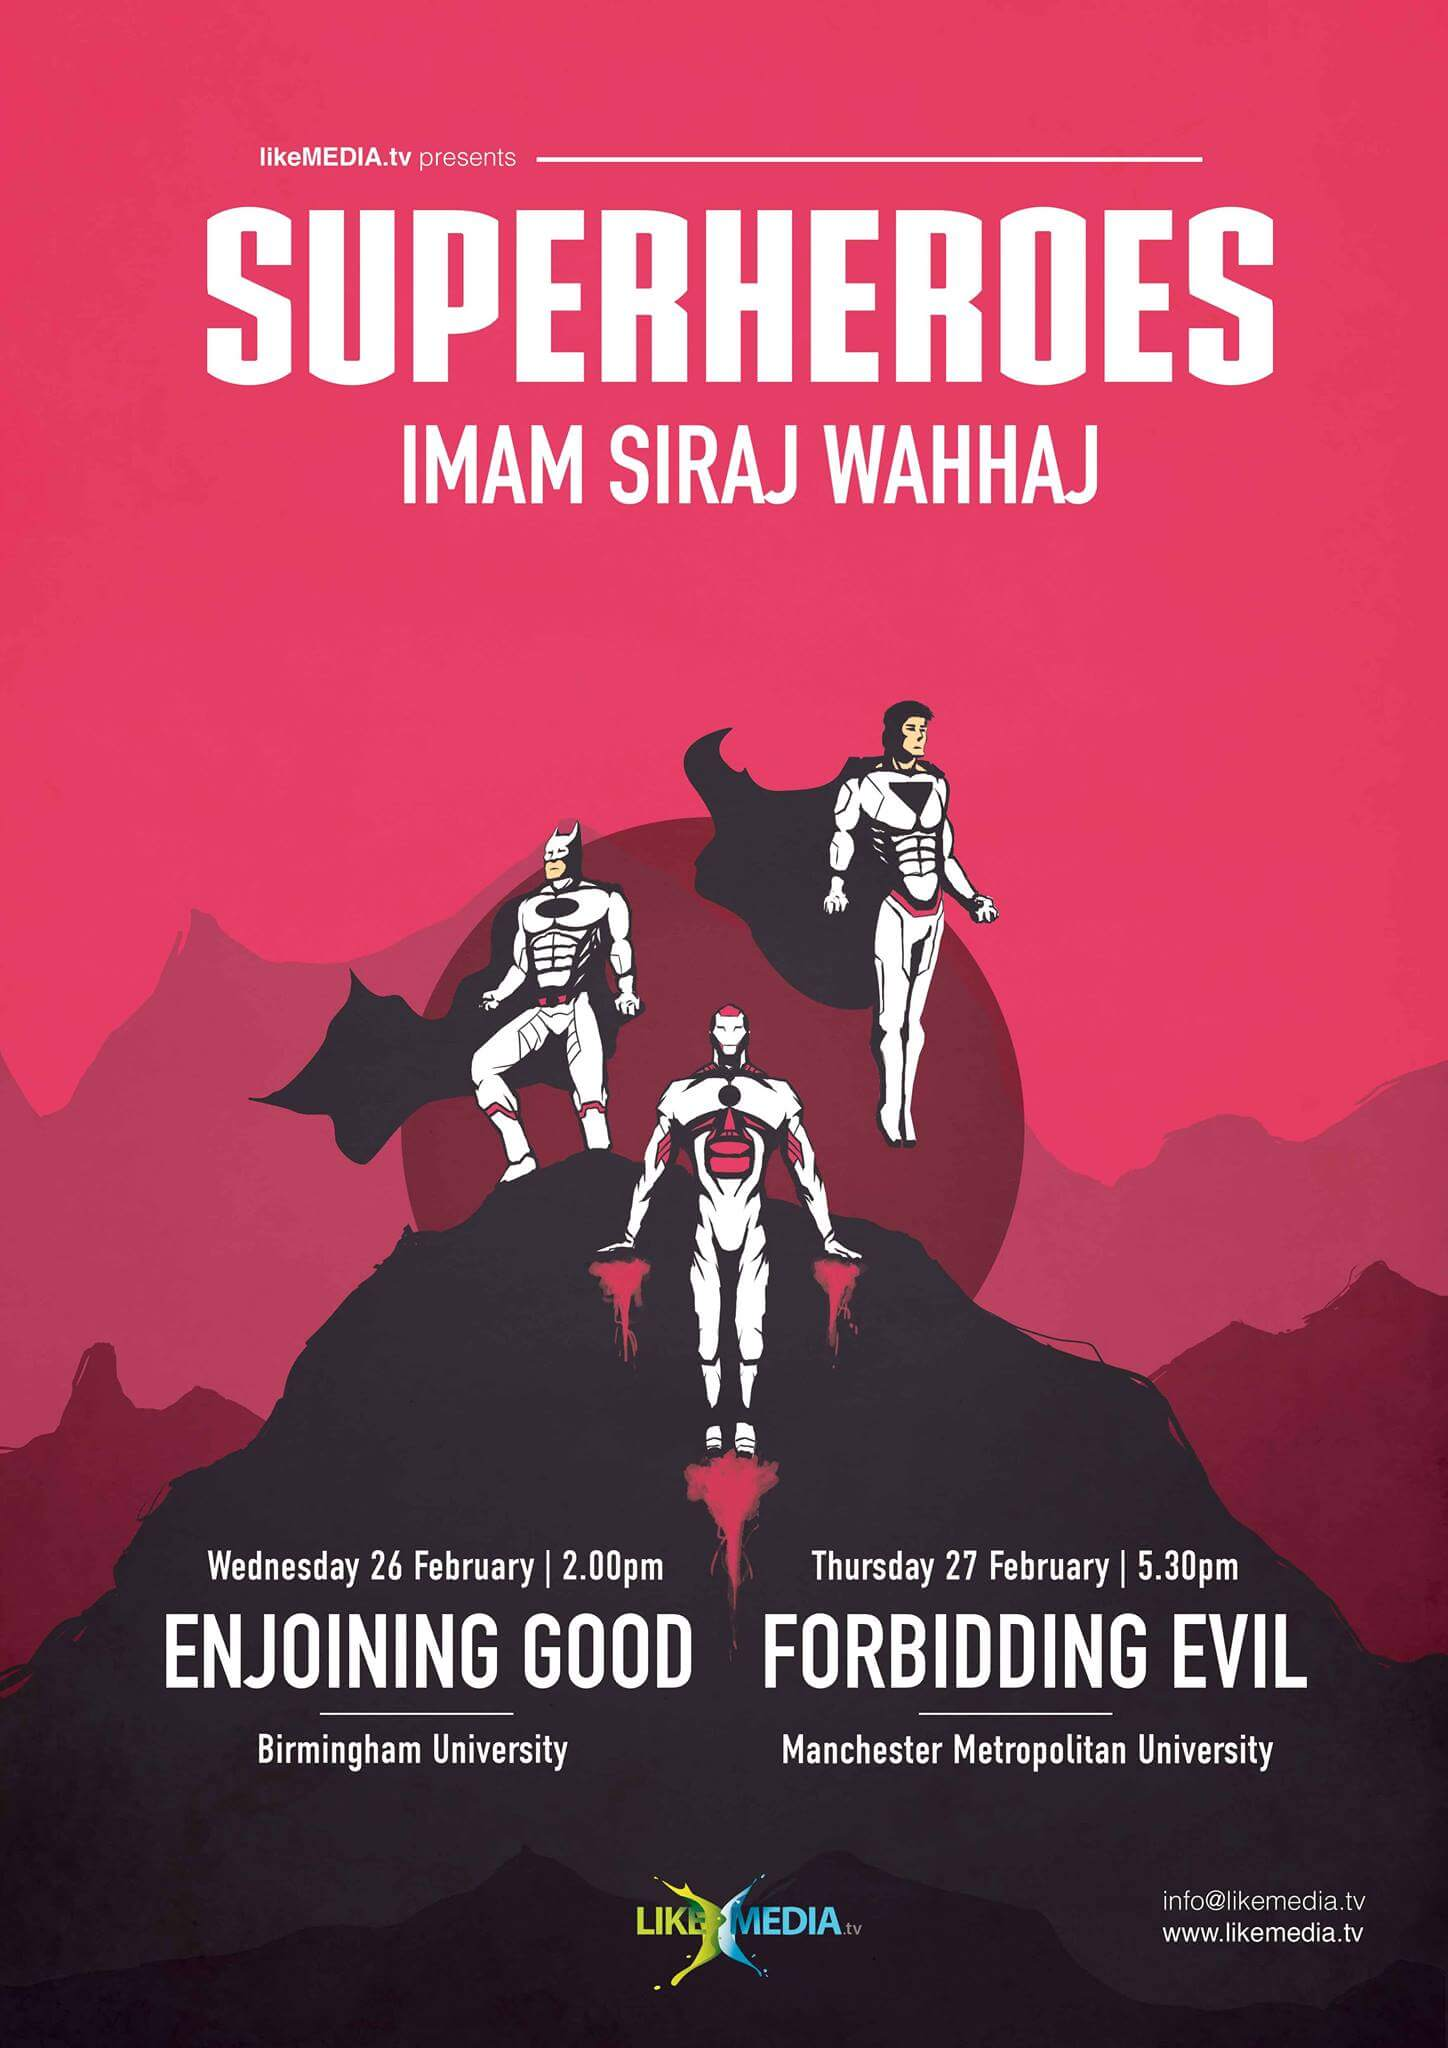 LikeMedia - SUPERHEROES